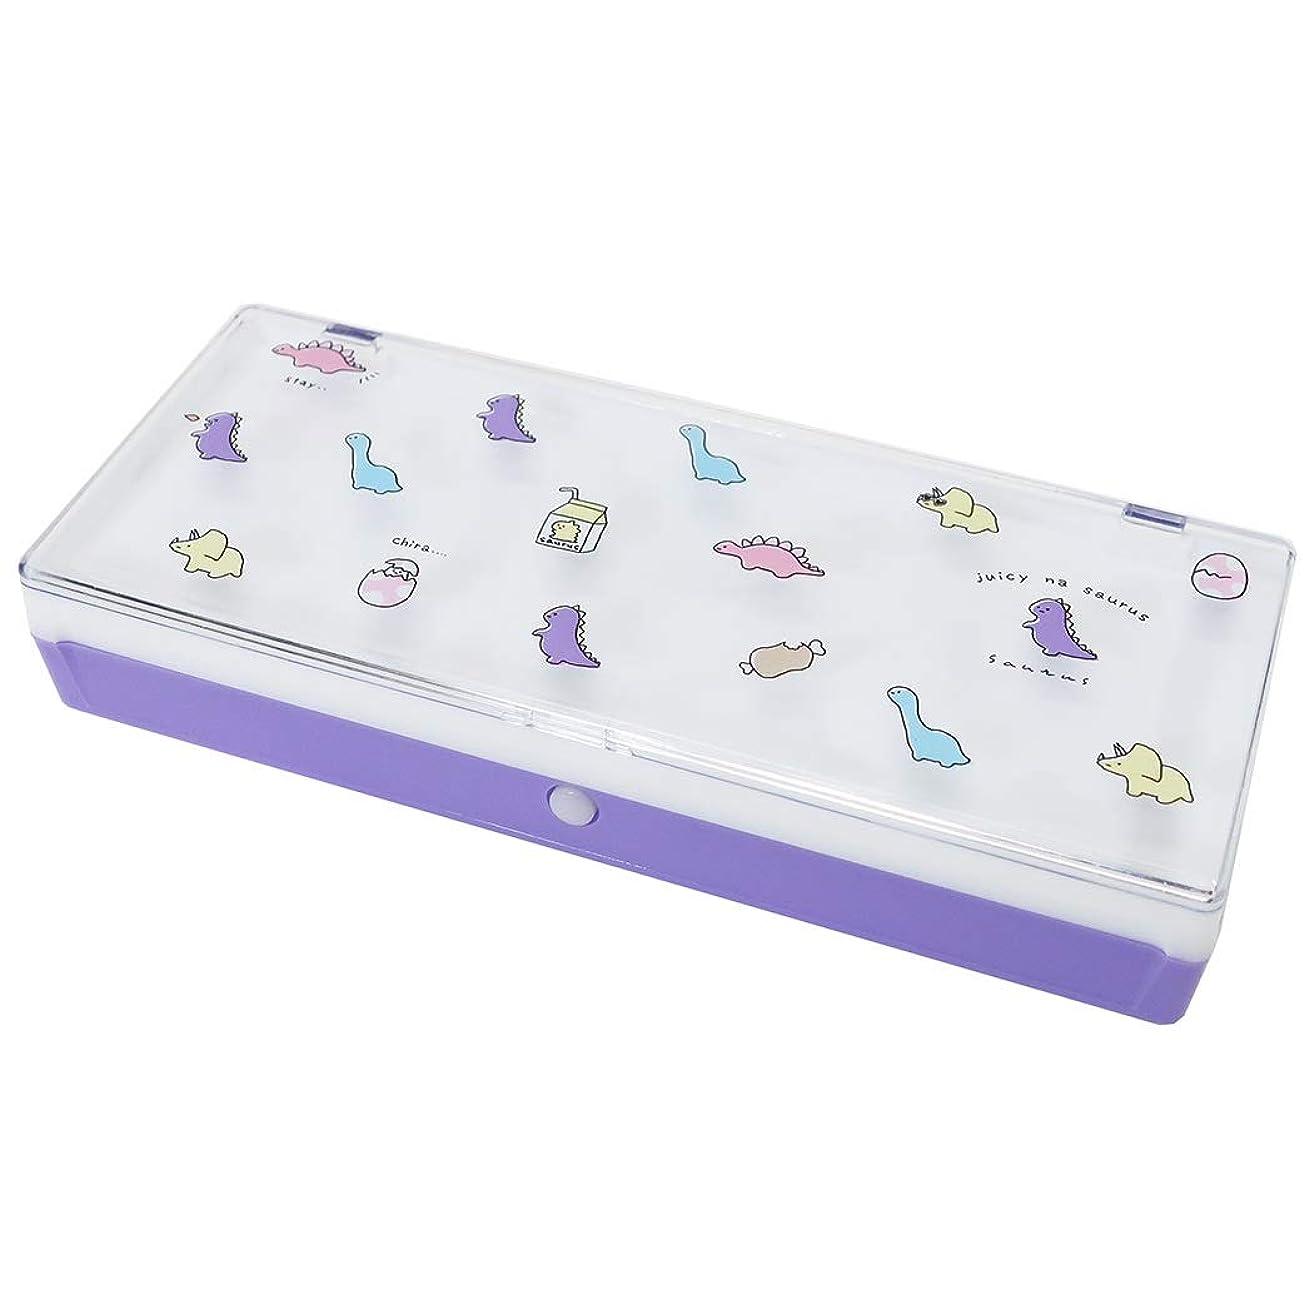 六第味わう筆箱[ジューシーなMIX]プラコレ ペンケース/サウルス 恐竜 カミオジャパン 文具 かわいい グッズ 通販